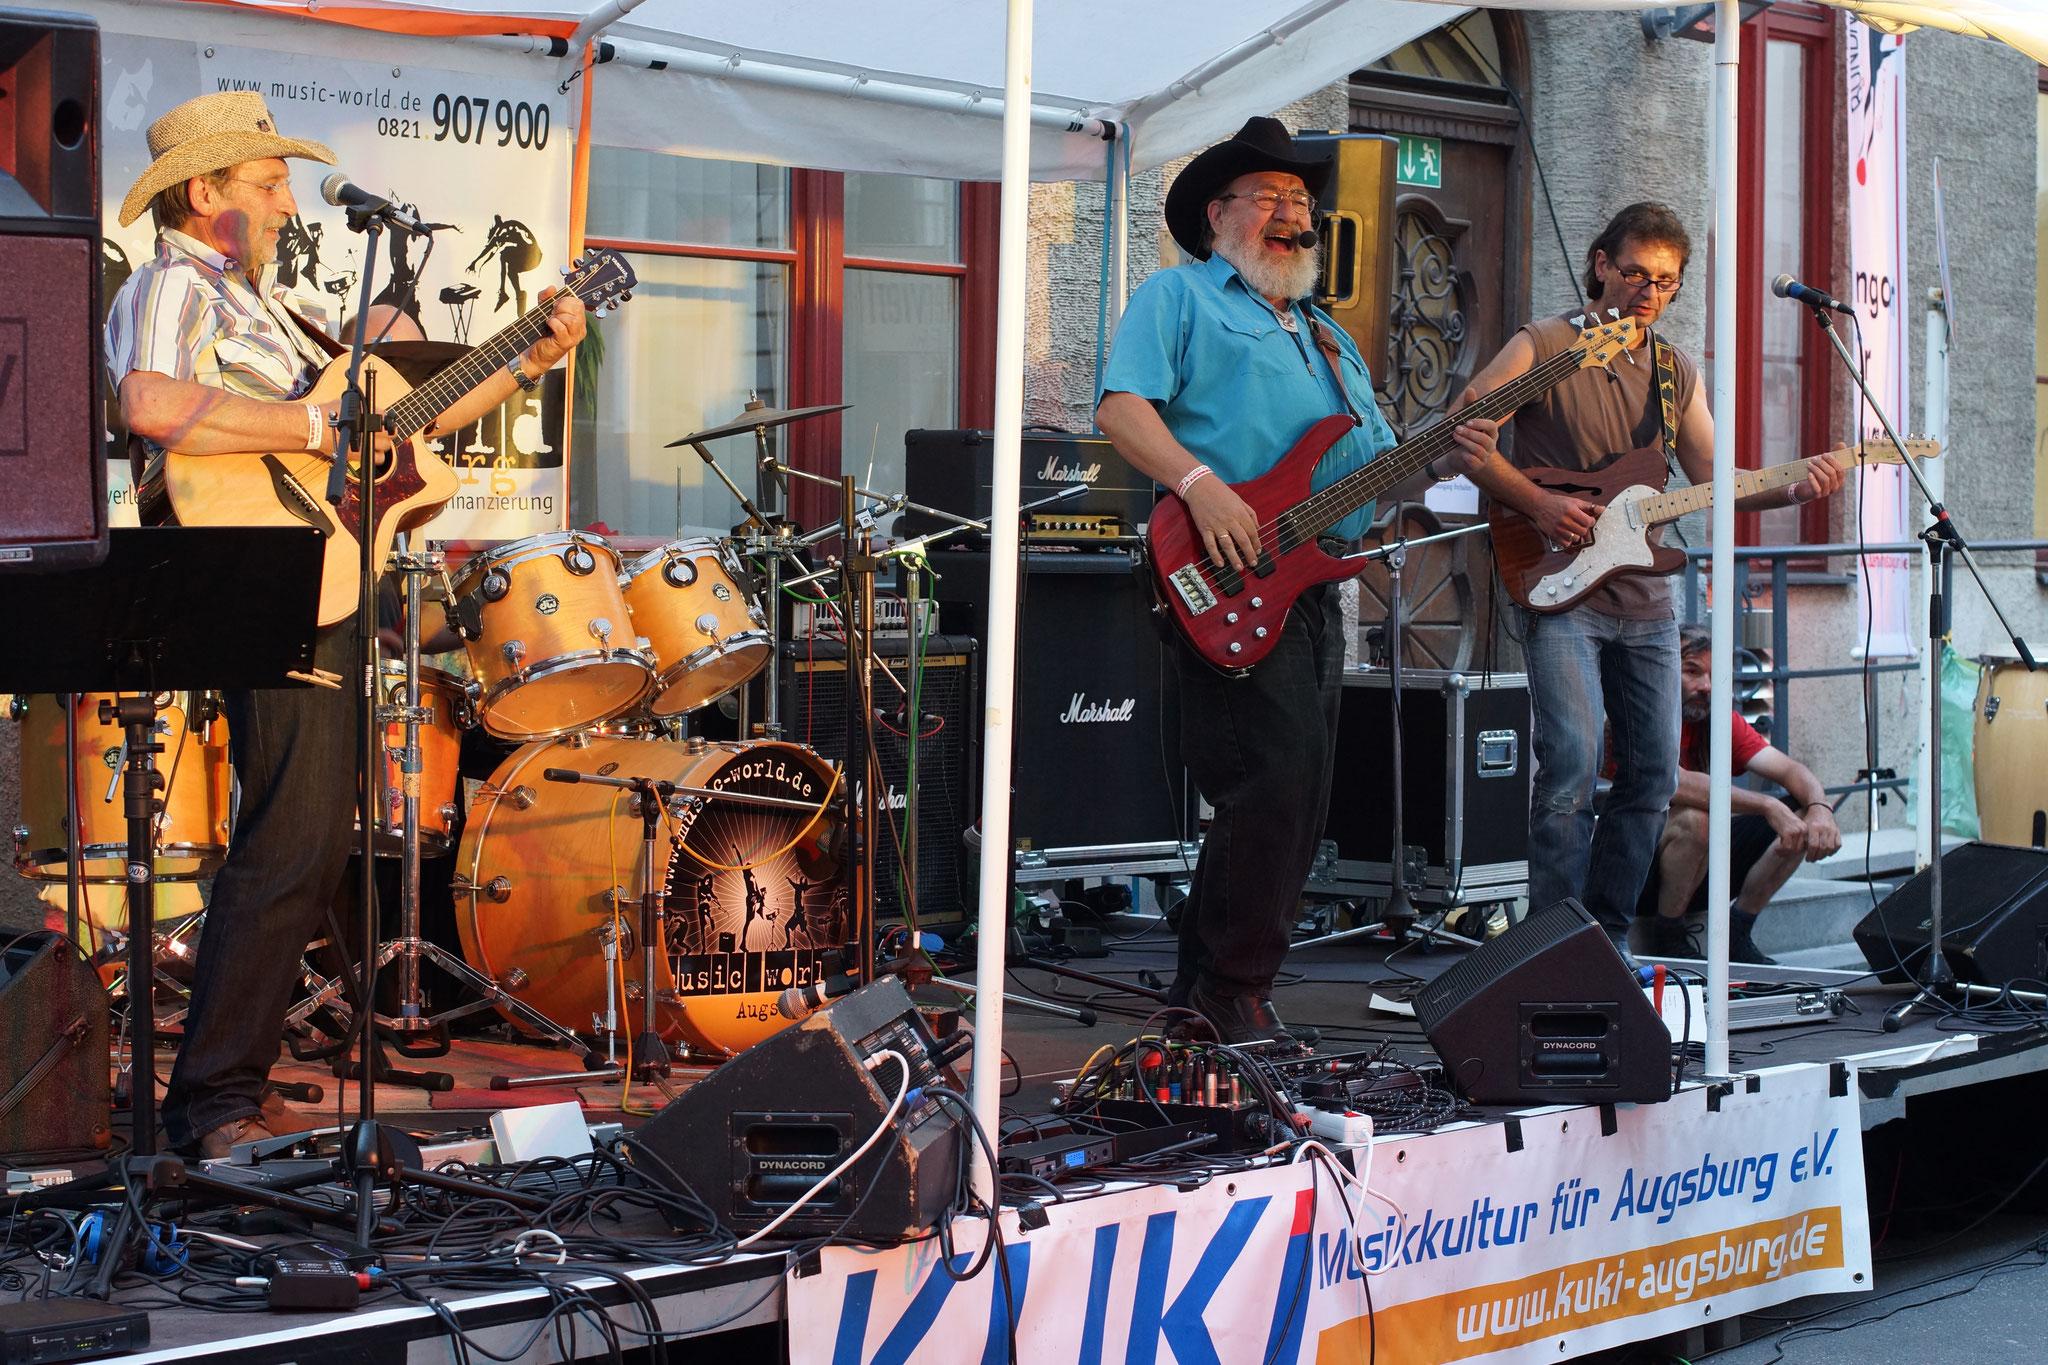 Konzerte im Bürgerhof 03.07.15 Pick up Ramblers - Freiwilligen-Zentrum Augsburg - Foto: Crayfish